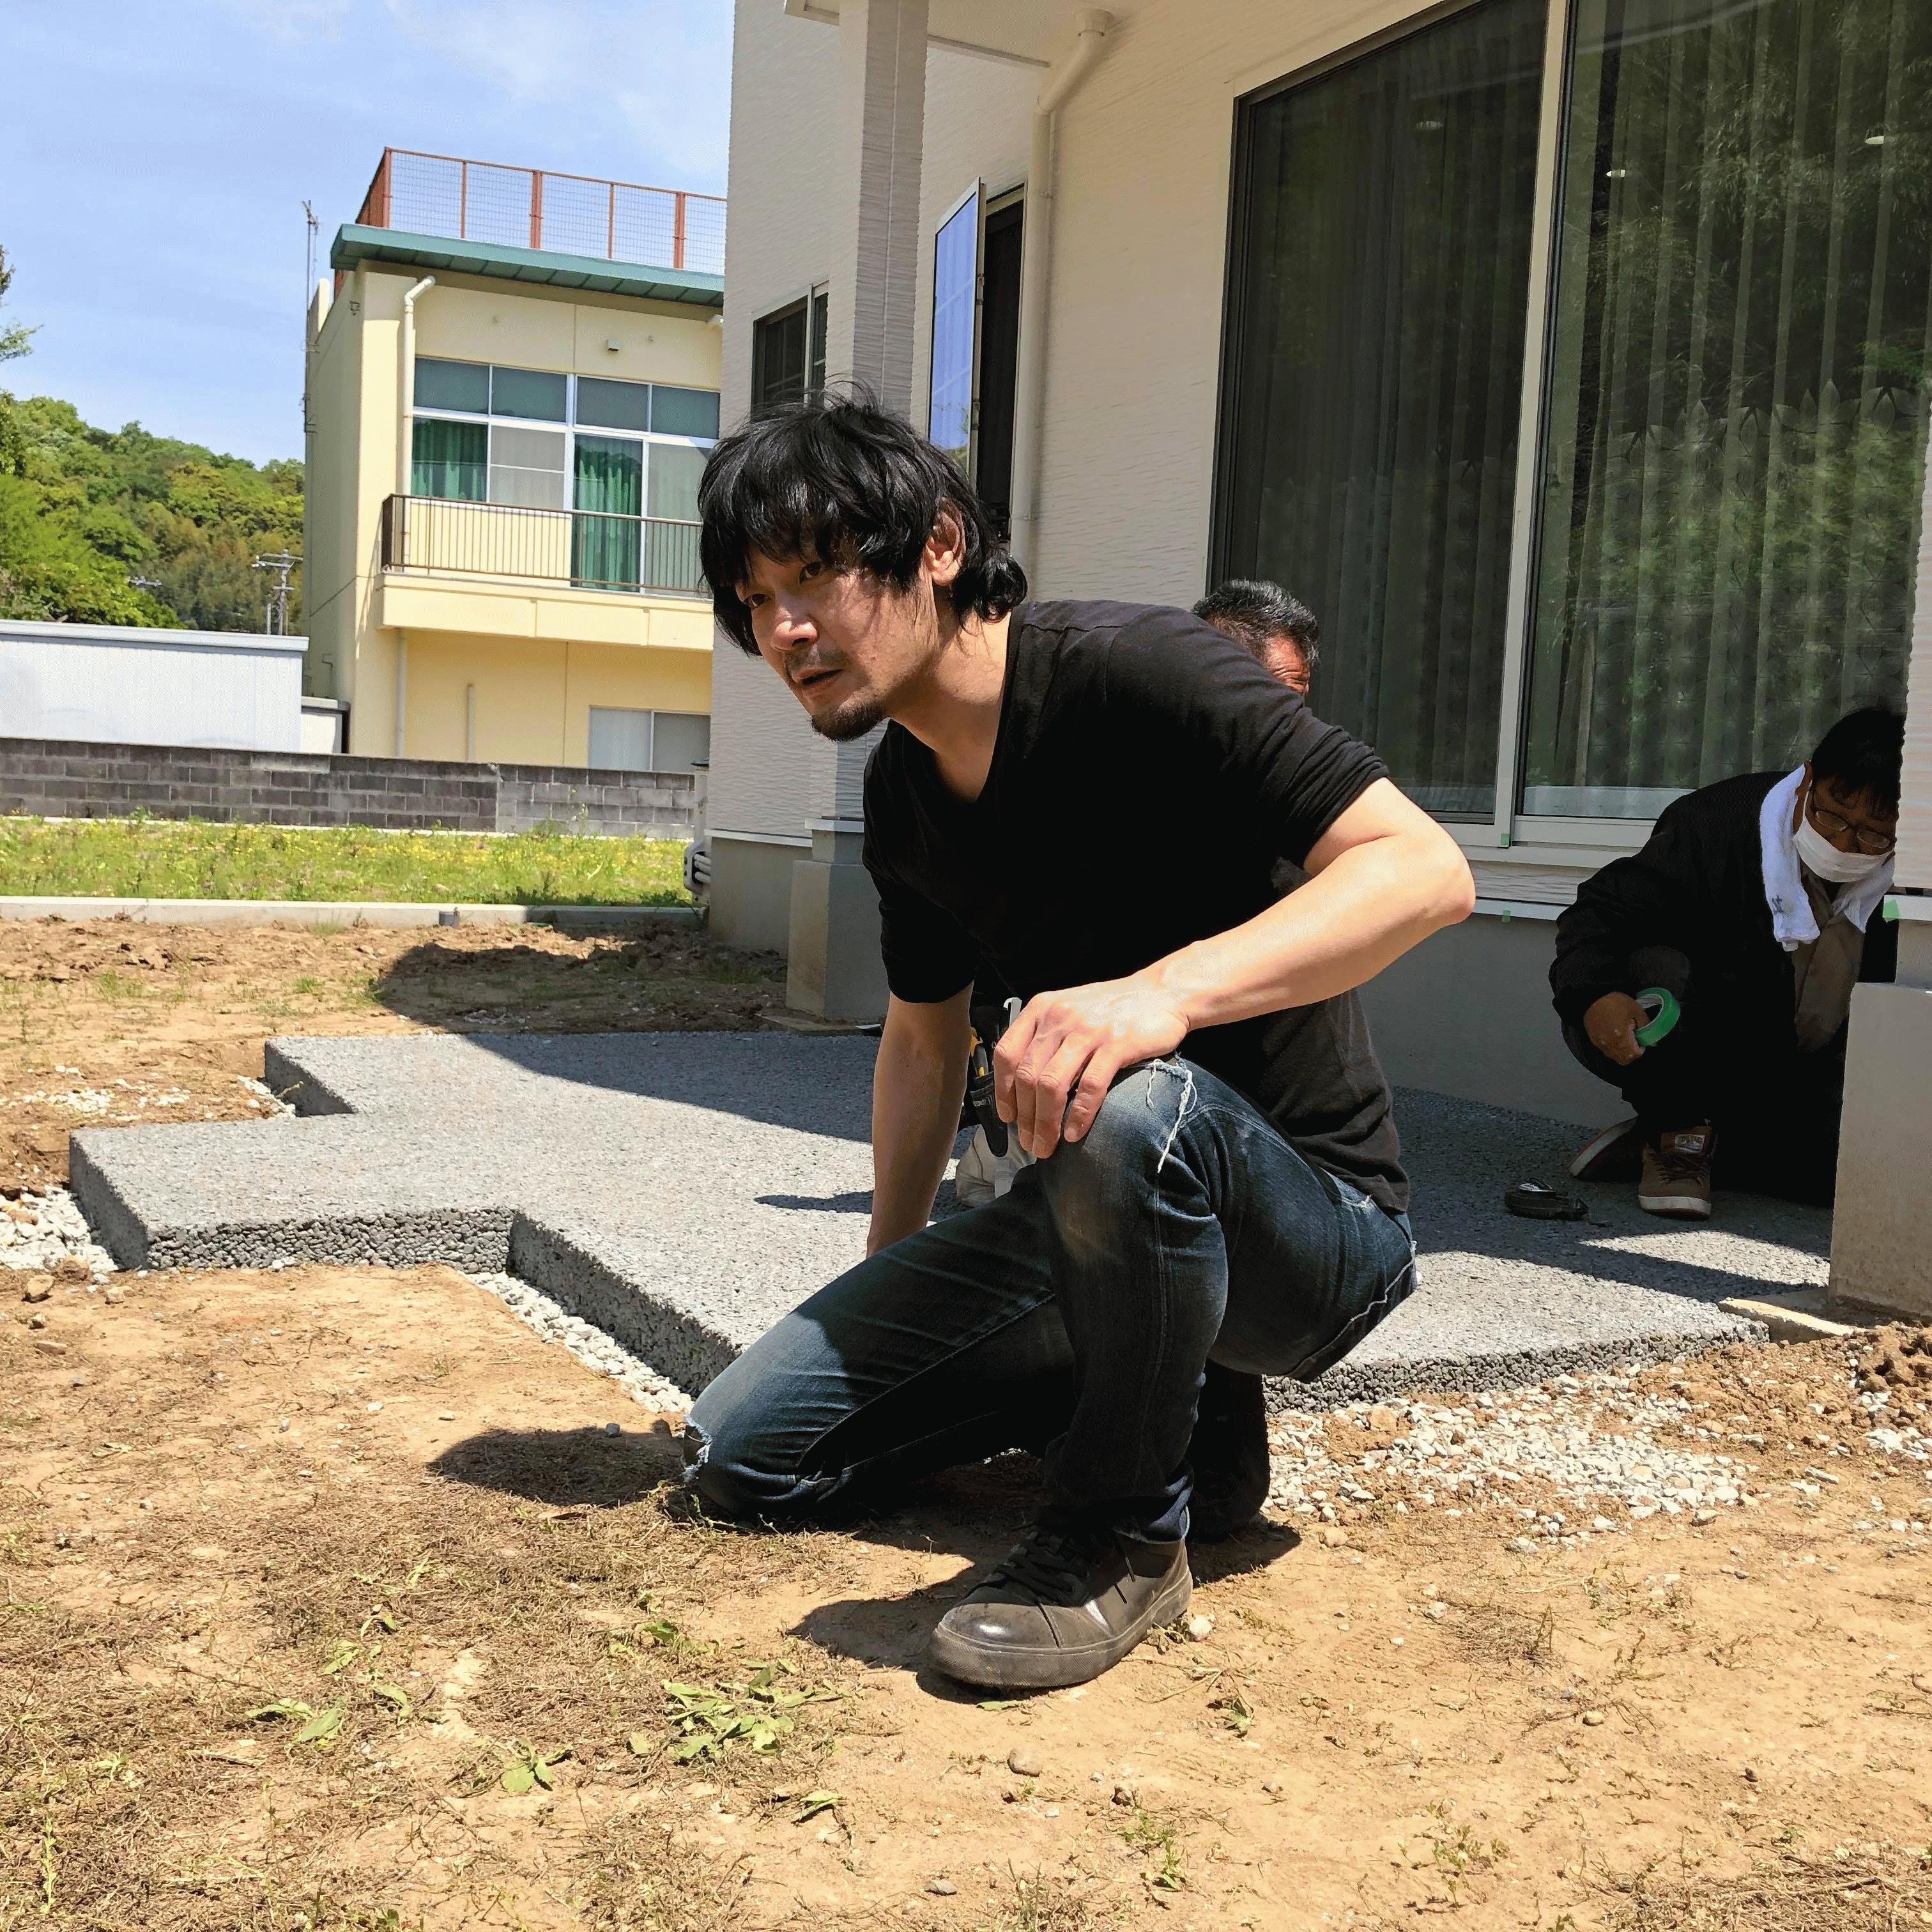 「俺から1つお願いがある。土台のコンクリートは透水性コンクリートにしてくれ」ウッドデッキDIYマニュアル(フェラーリ様邸DIY #3)